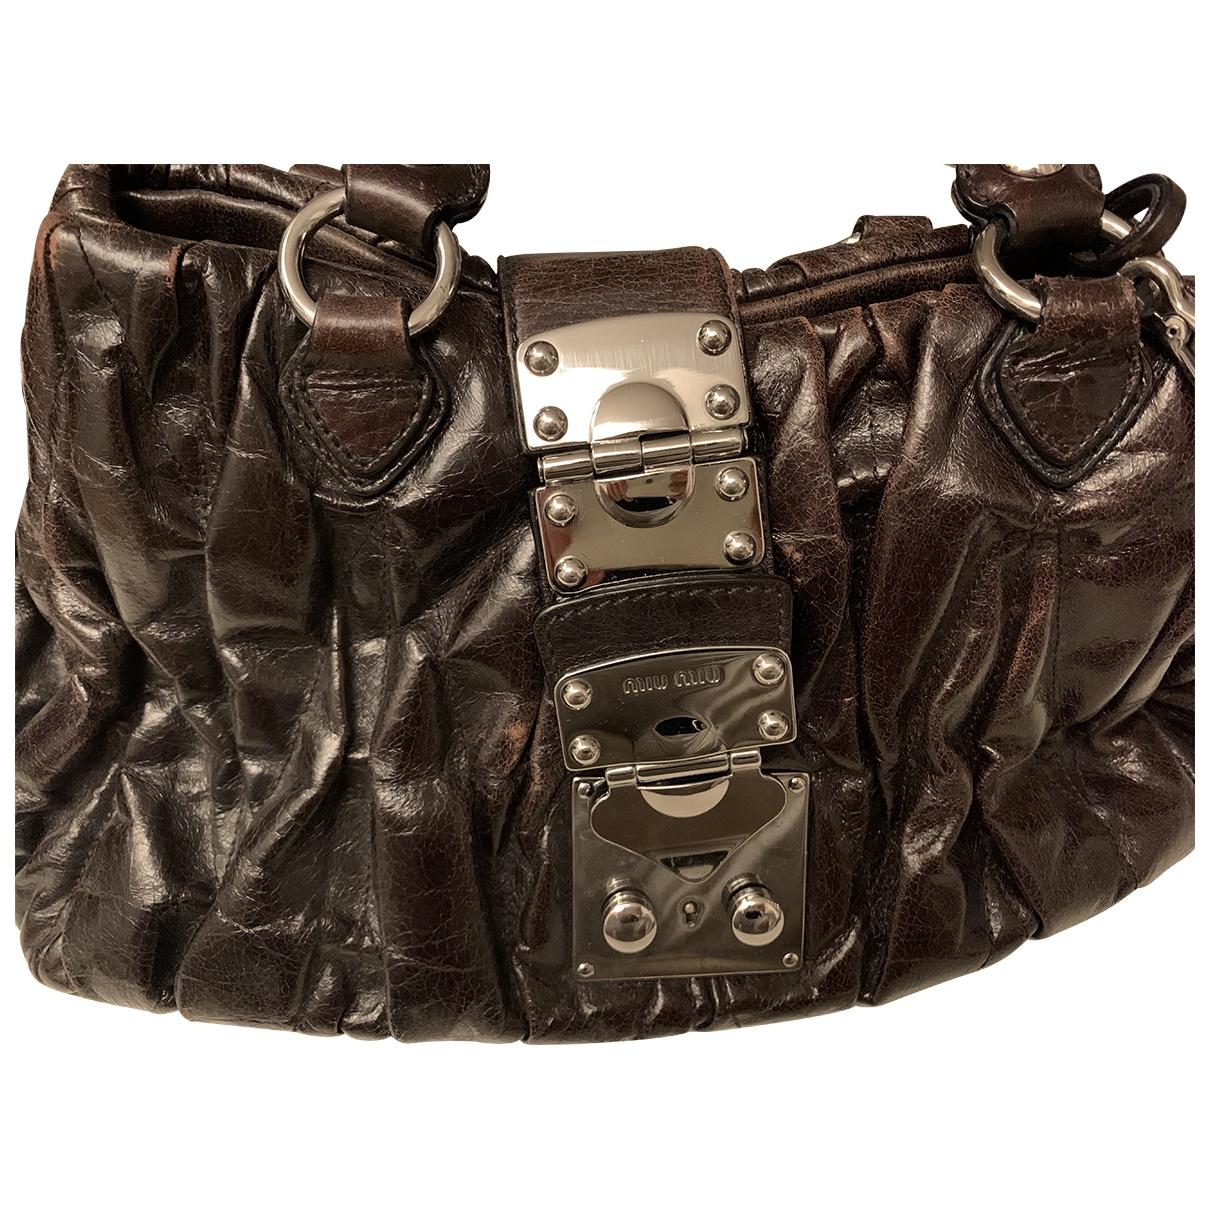 Miu Miu Matelasse Handtasche in  Braun Leder